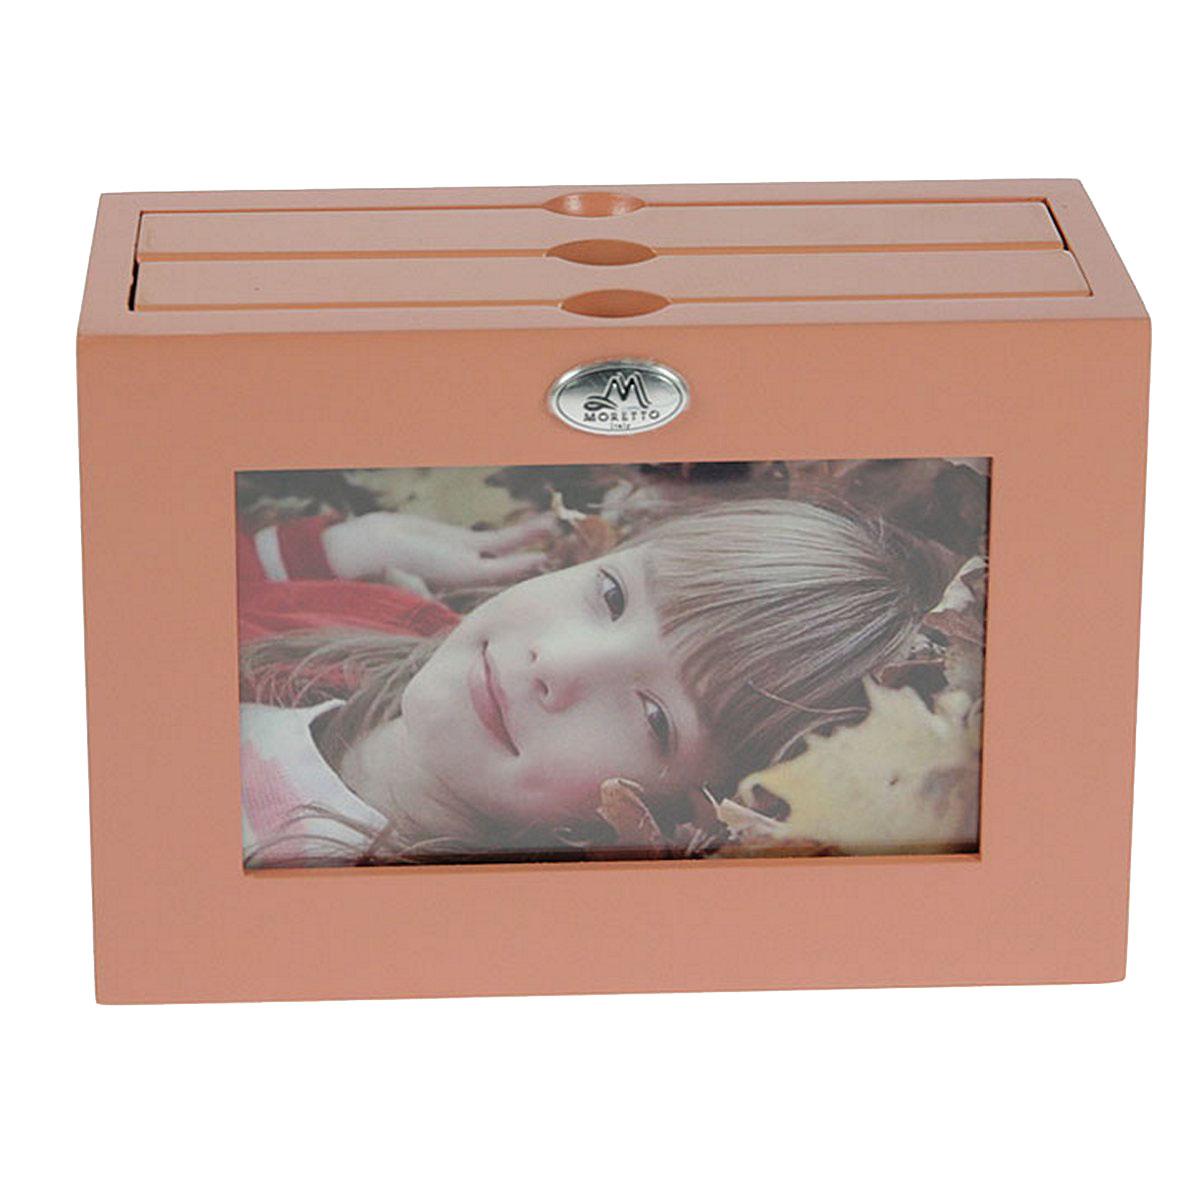 Архивный фотоальбом Moretto, на 48 фото, 10 x 15 см. 138002138002Оригинальный архивный фотоальбом Moretto, рассчитанный на 48 фотографий, выполнен в виде деревянного бокса. Бокс содержит 2 альбома, каждый из которых рассчитан на 24 фотографии форматом 10 х 15 см, а также имеет отверстие для центральной фотографии.Такой архивный альбом станет достойным украшением вашего интерьера и будет уникальным подарком вашим друзьям.